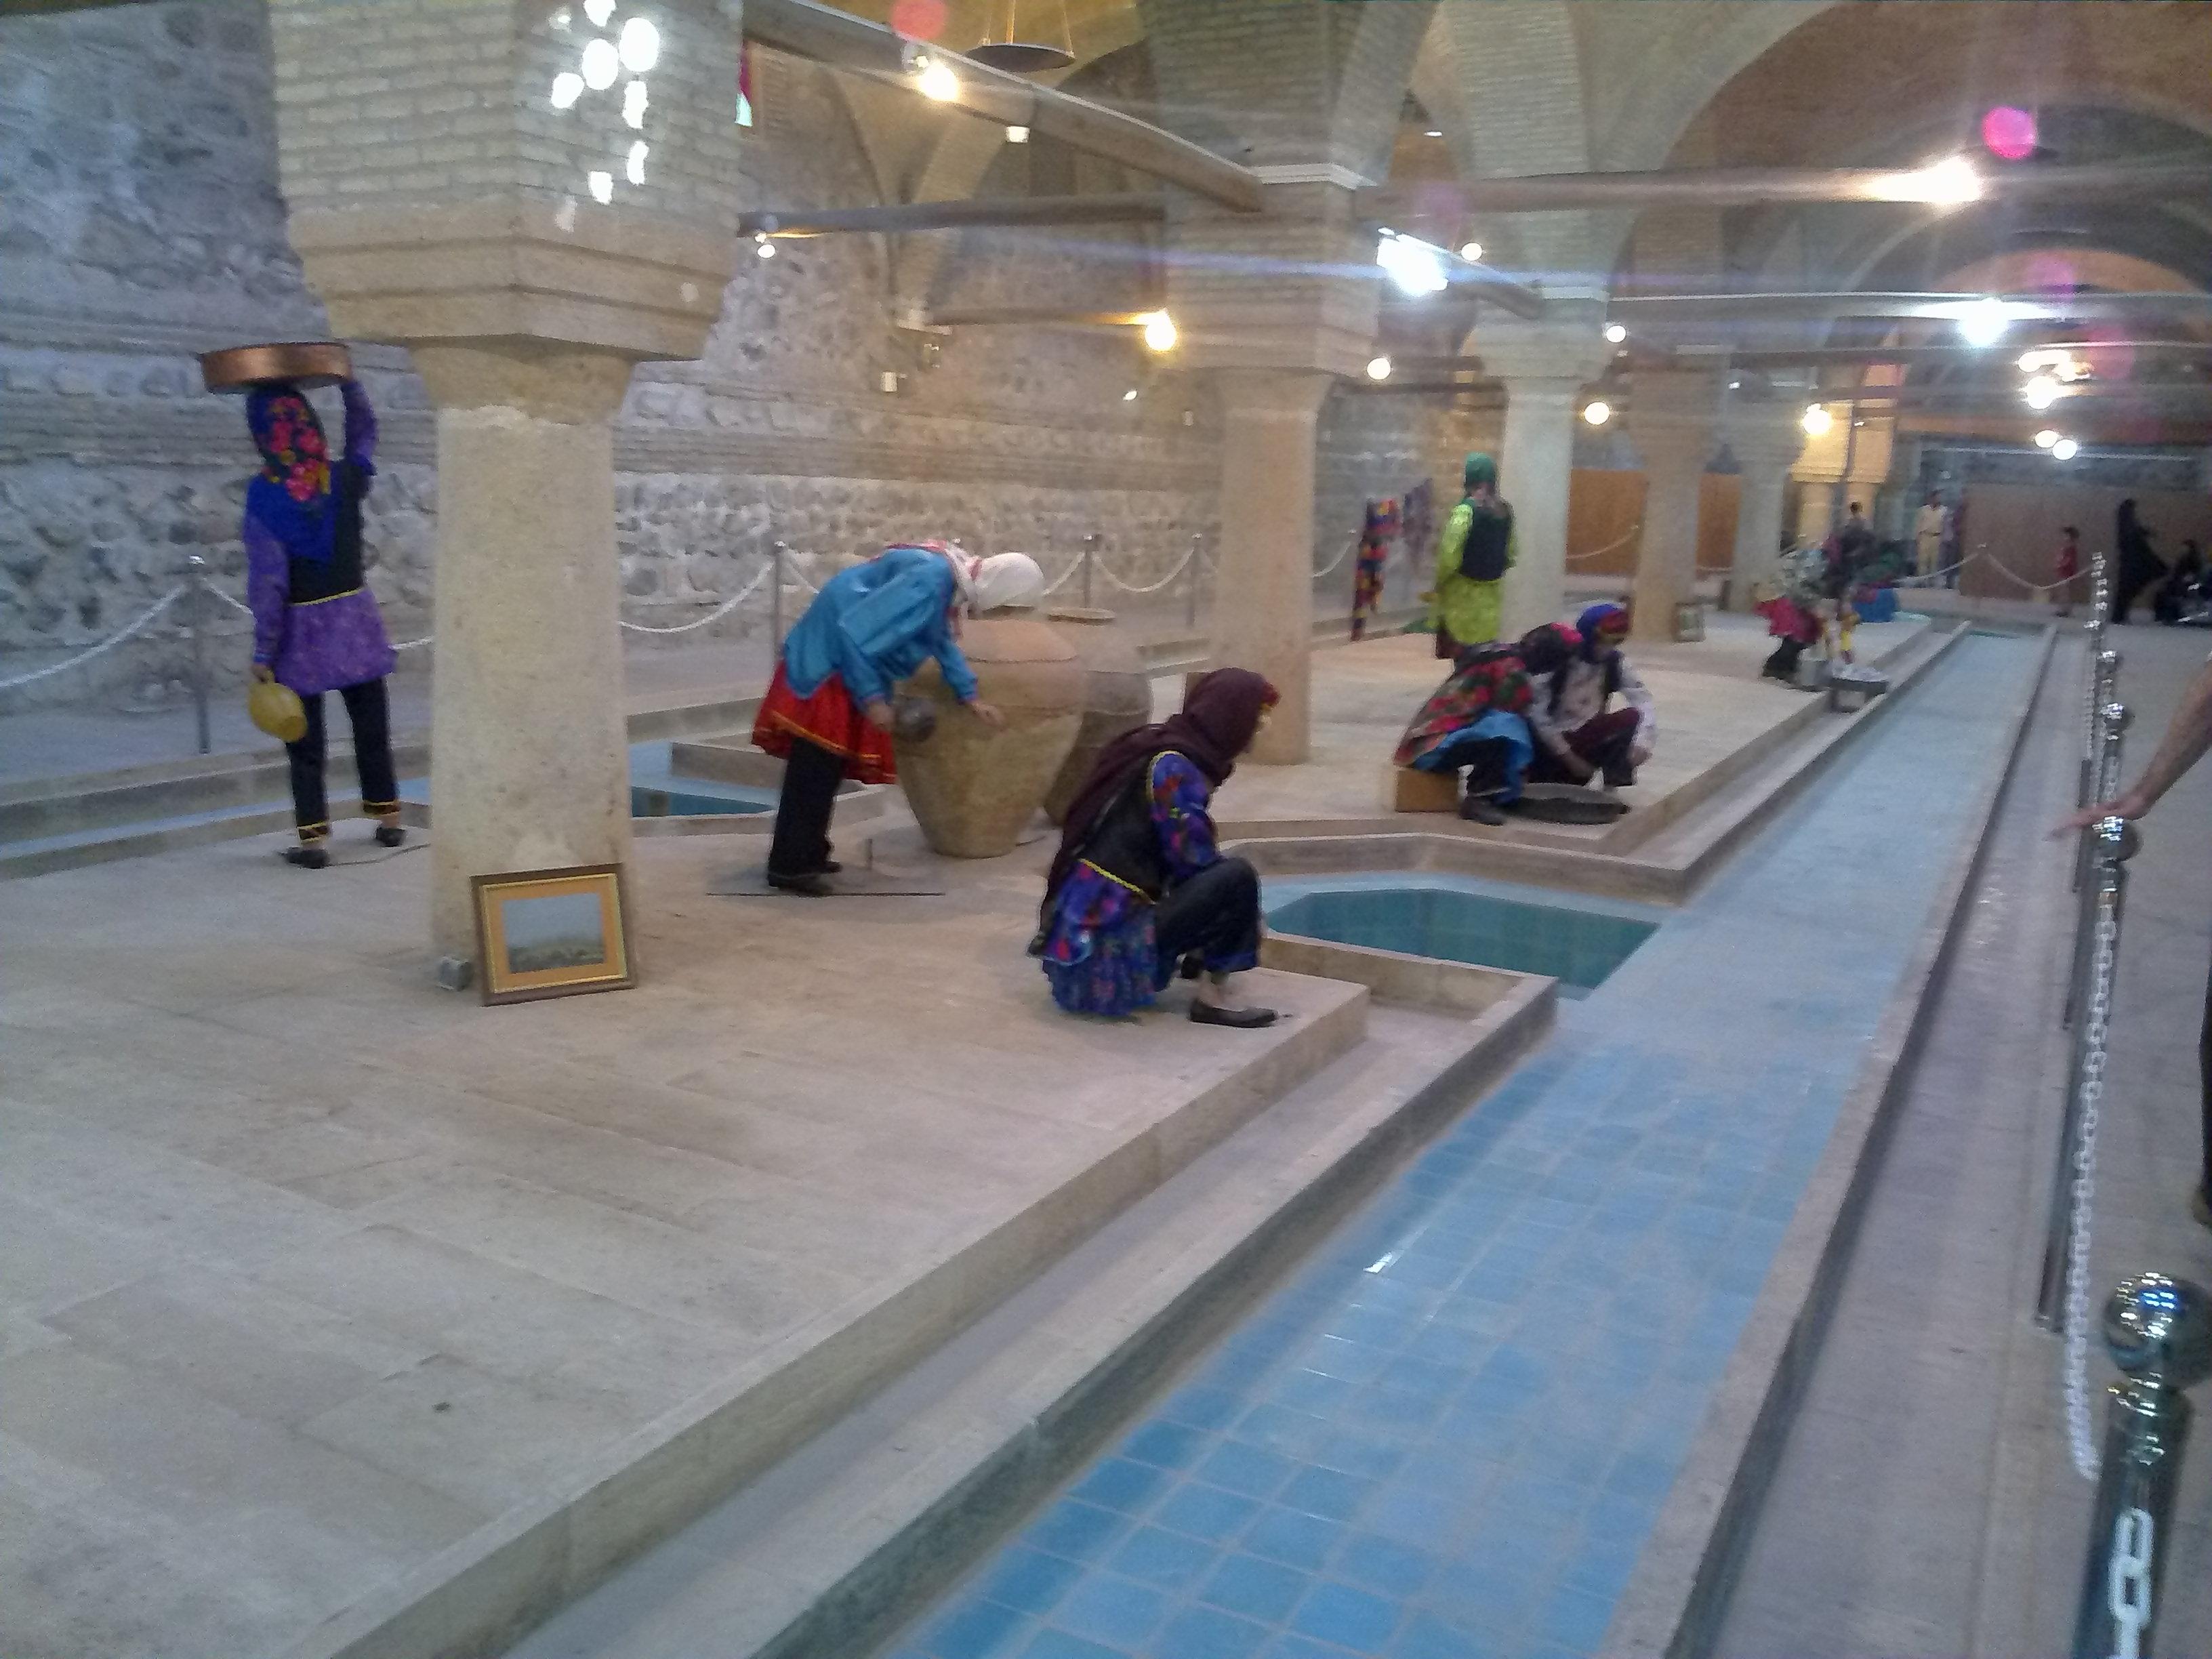 موزه رختشویخانه نیز از جمله نقاط دیدنی زنجان